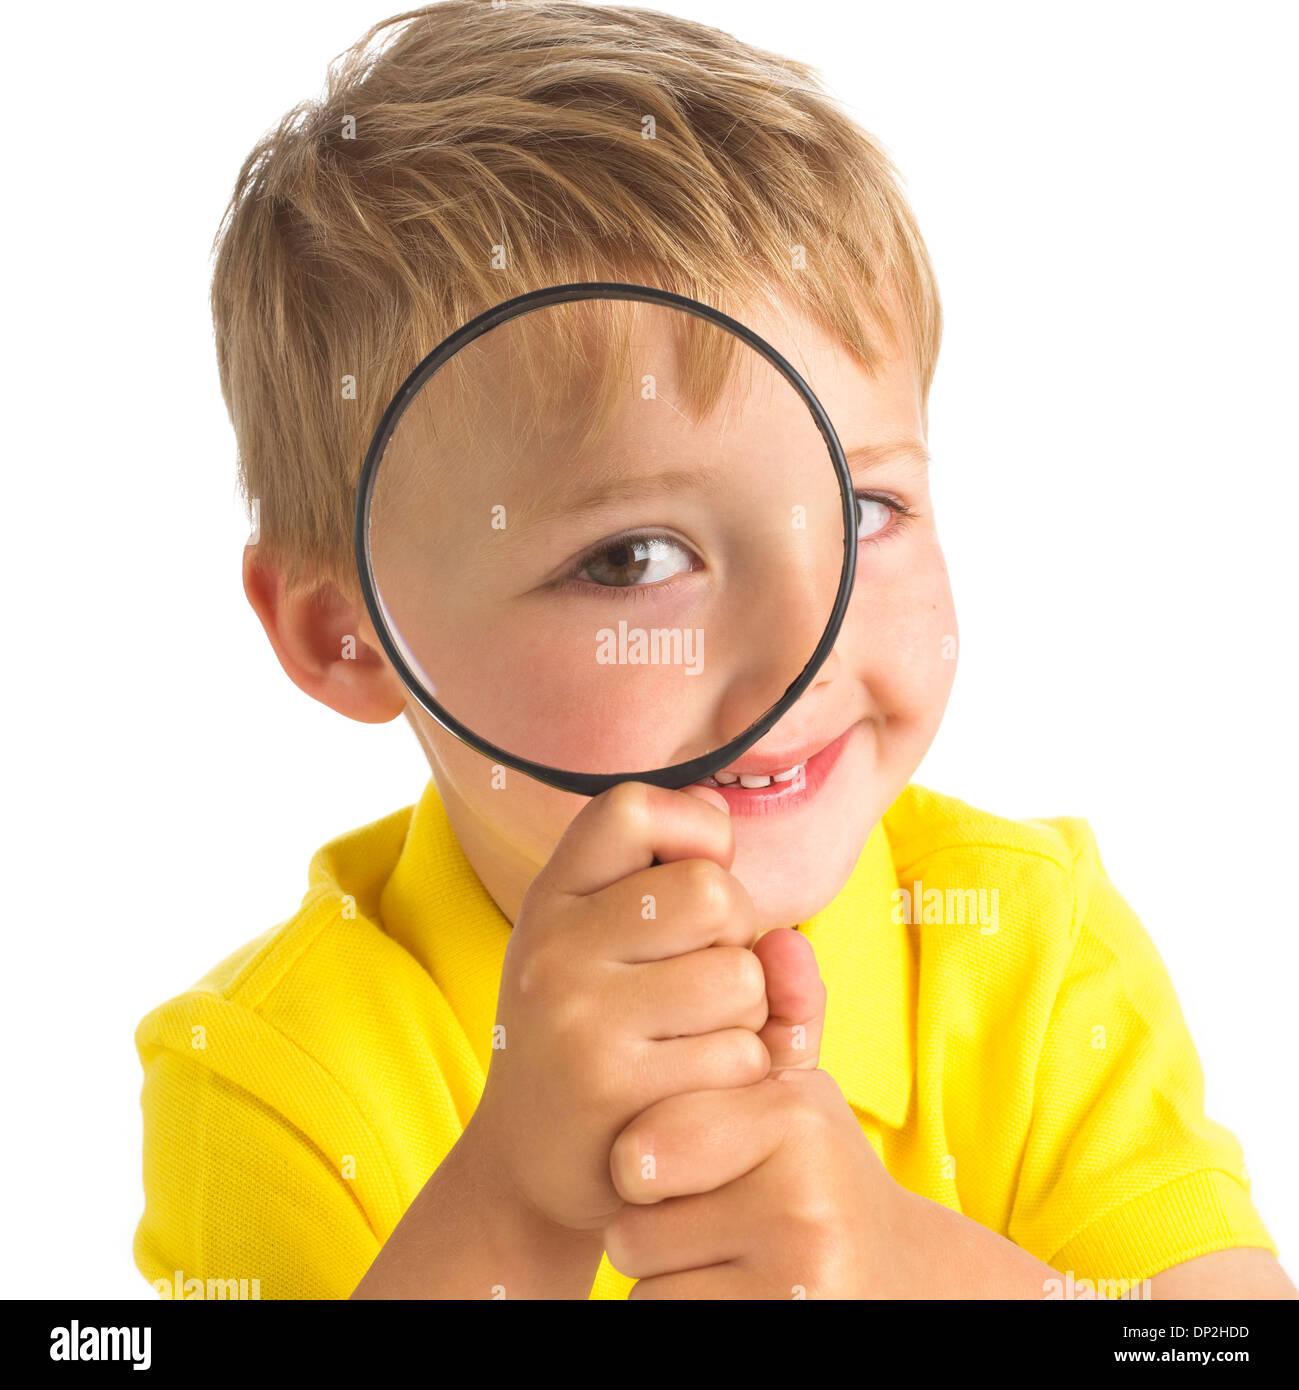 La curiosidad, la imagen conceptual Imagen De Stock